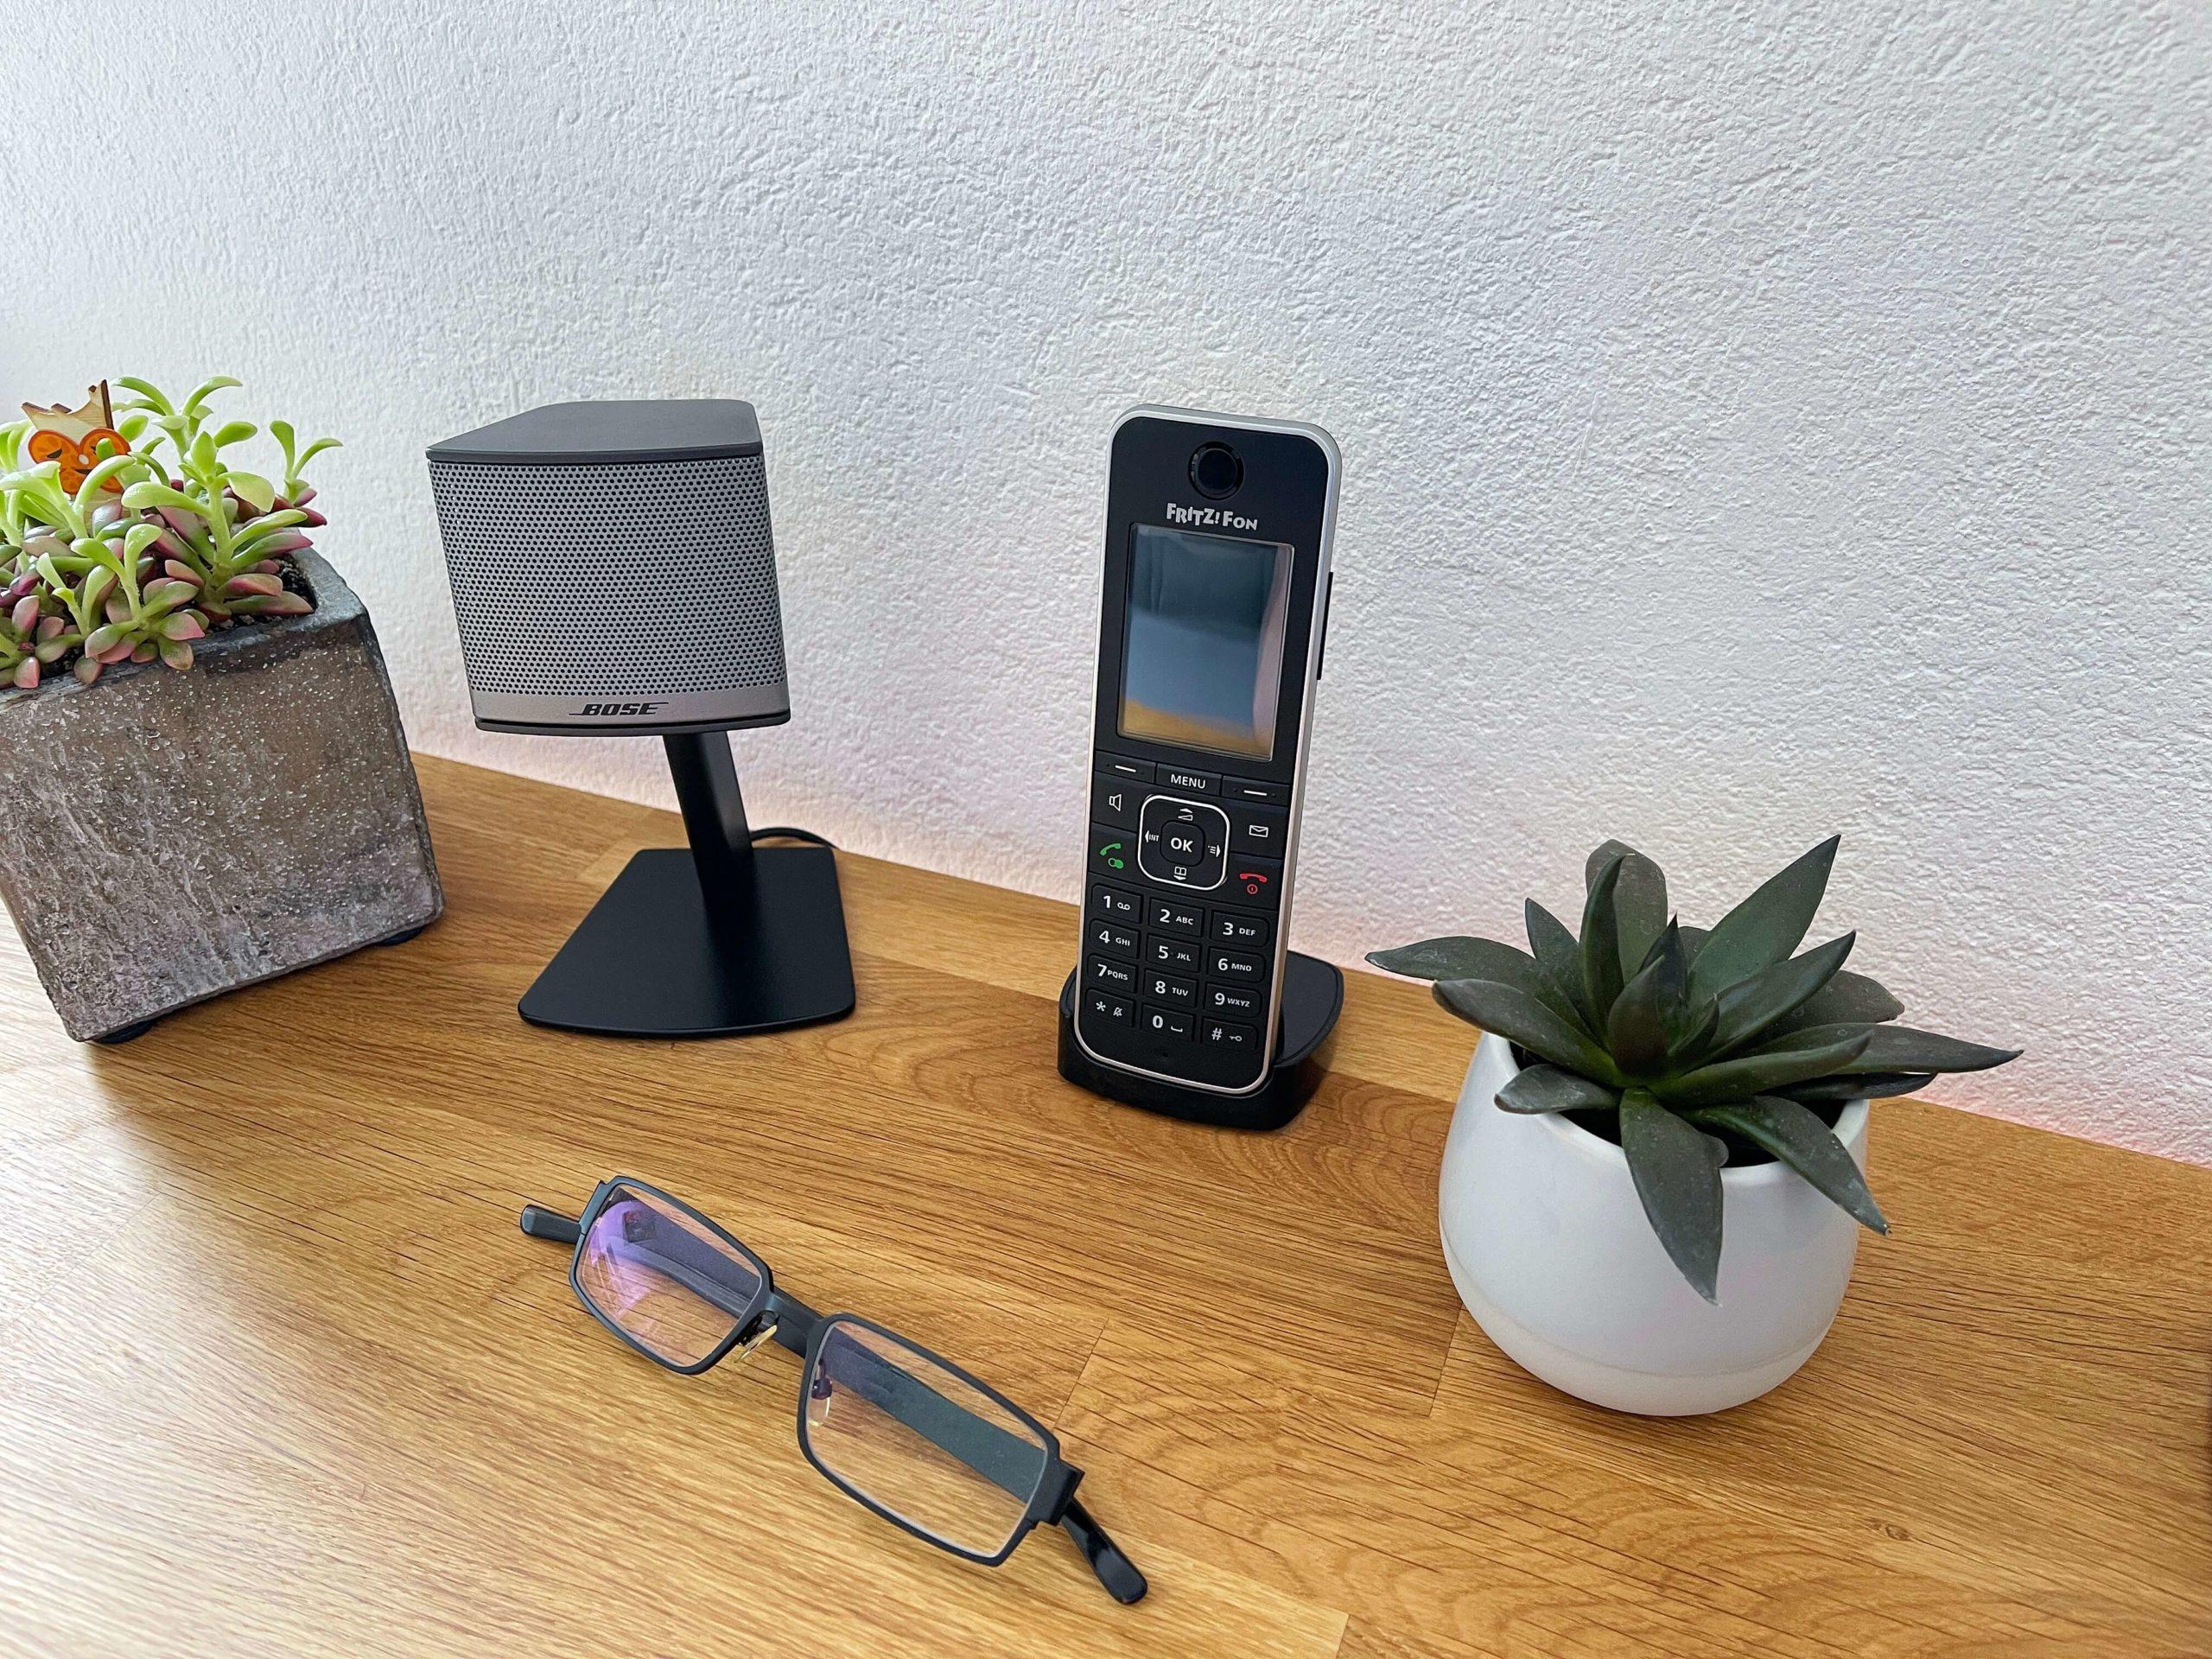 FRITZFon-C6-Black-von-AVM-–-das-beste-DECT-Telefon-in-neuer-Farbe1-scaled FRITZ!Fon C6 Black von AVM – das beste DECT-Telefon in neuer Farbe